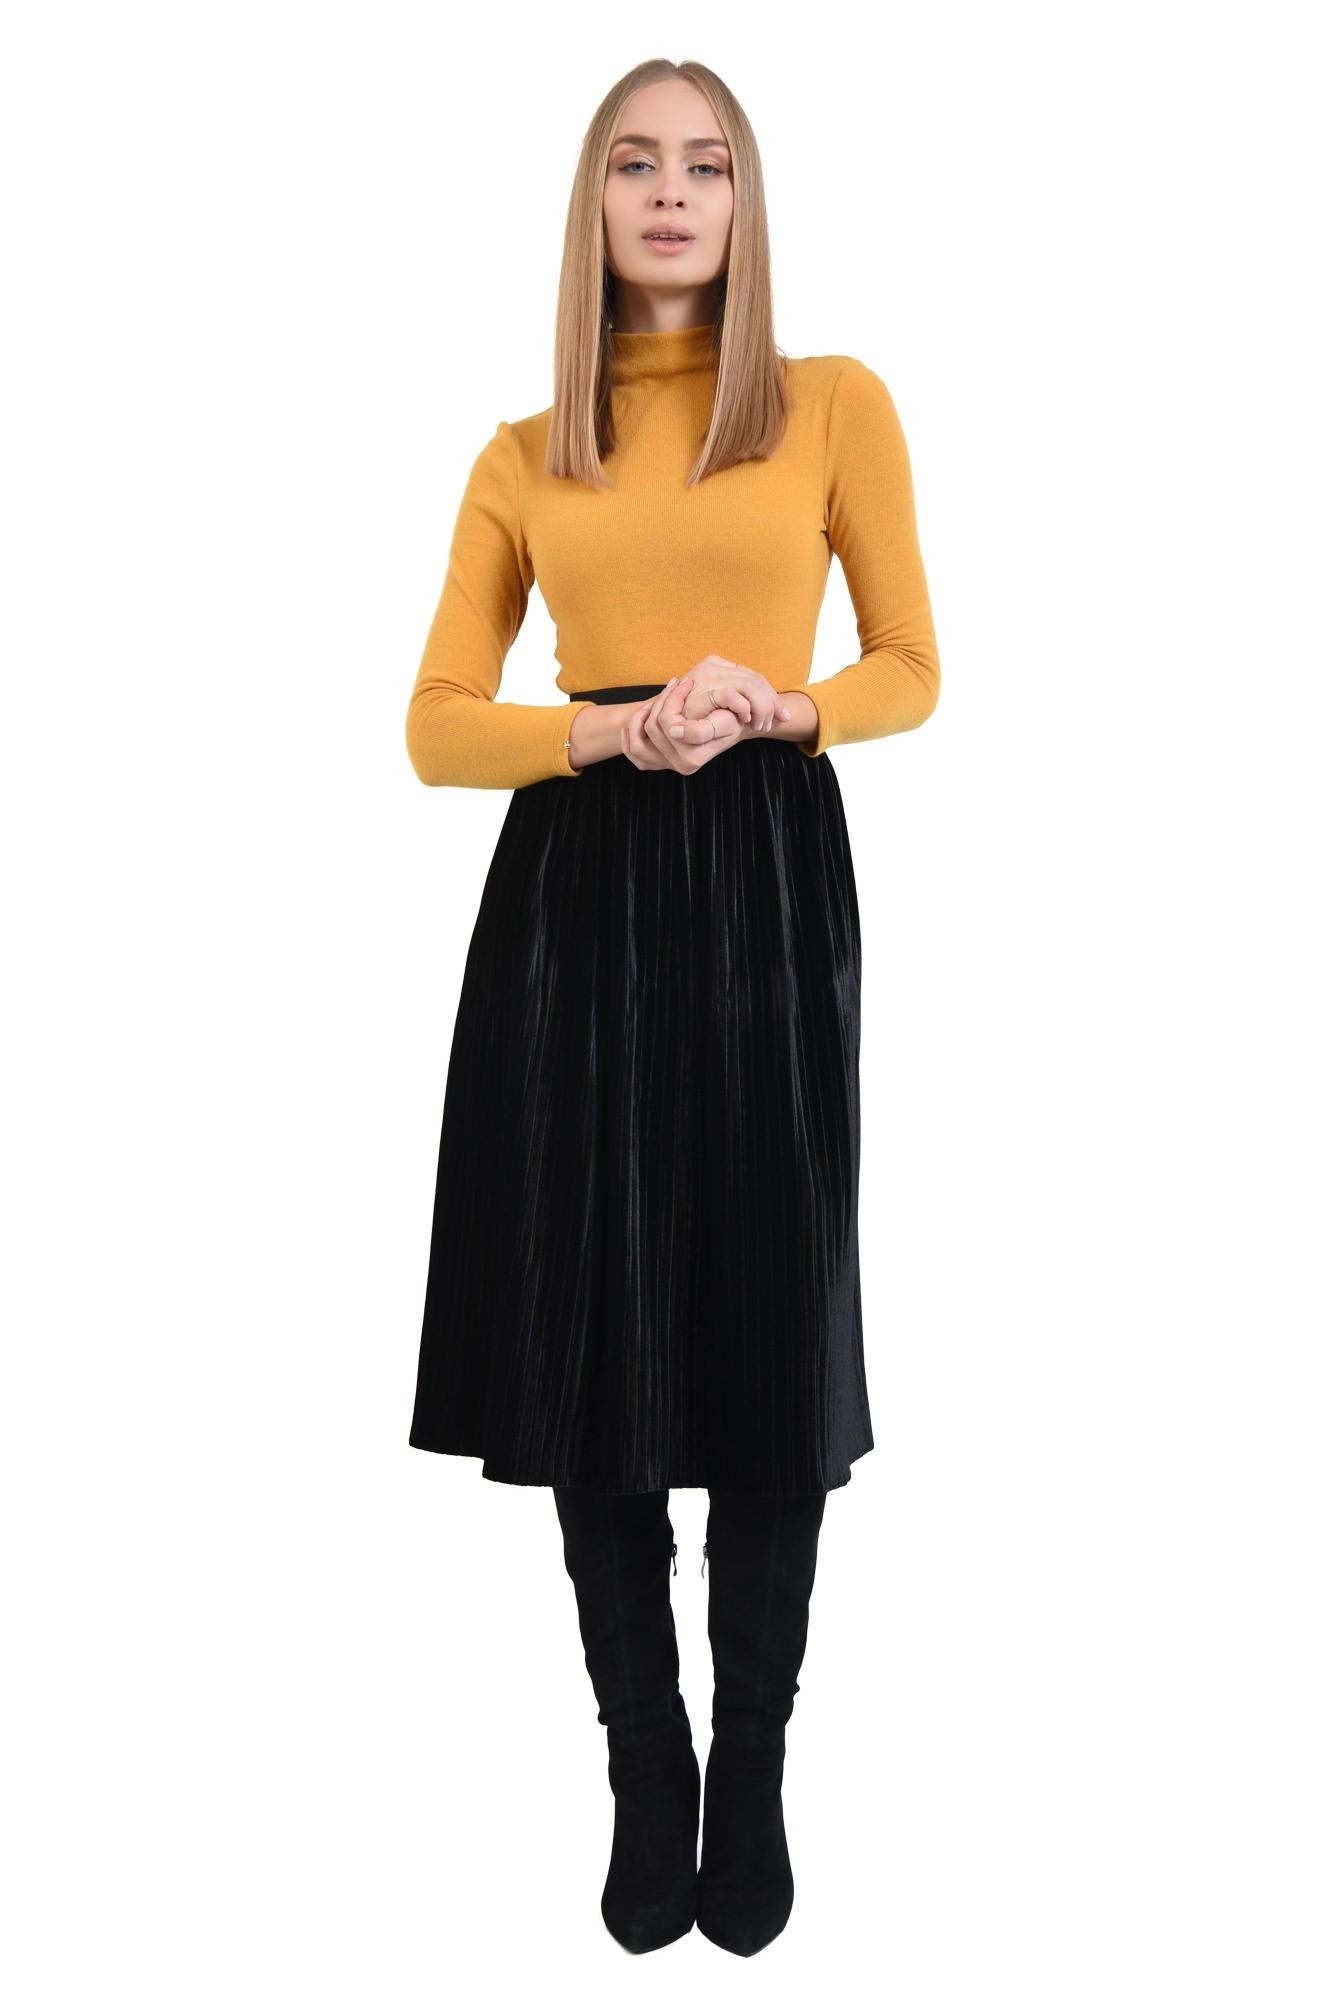 3 - 360 - fusta de ocazie, catifea neagra, croi evazat, cu pliseuri